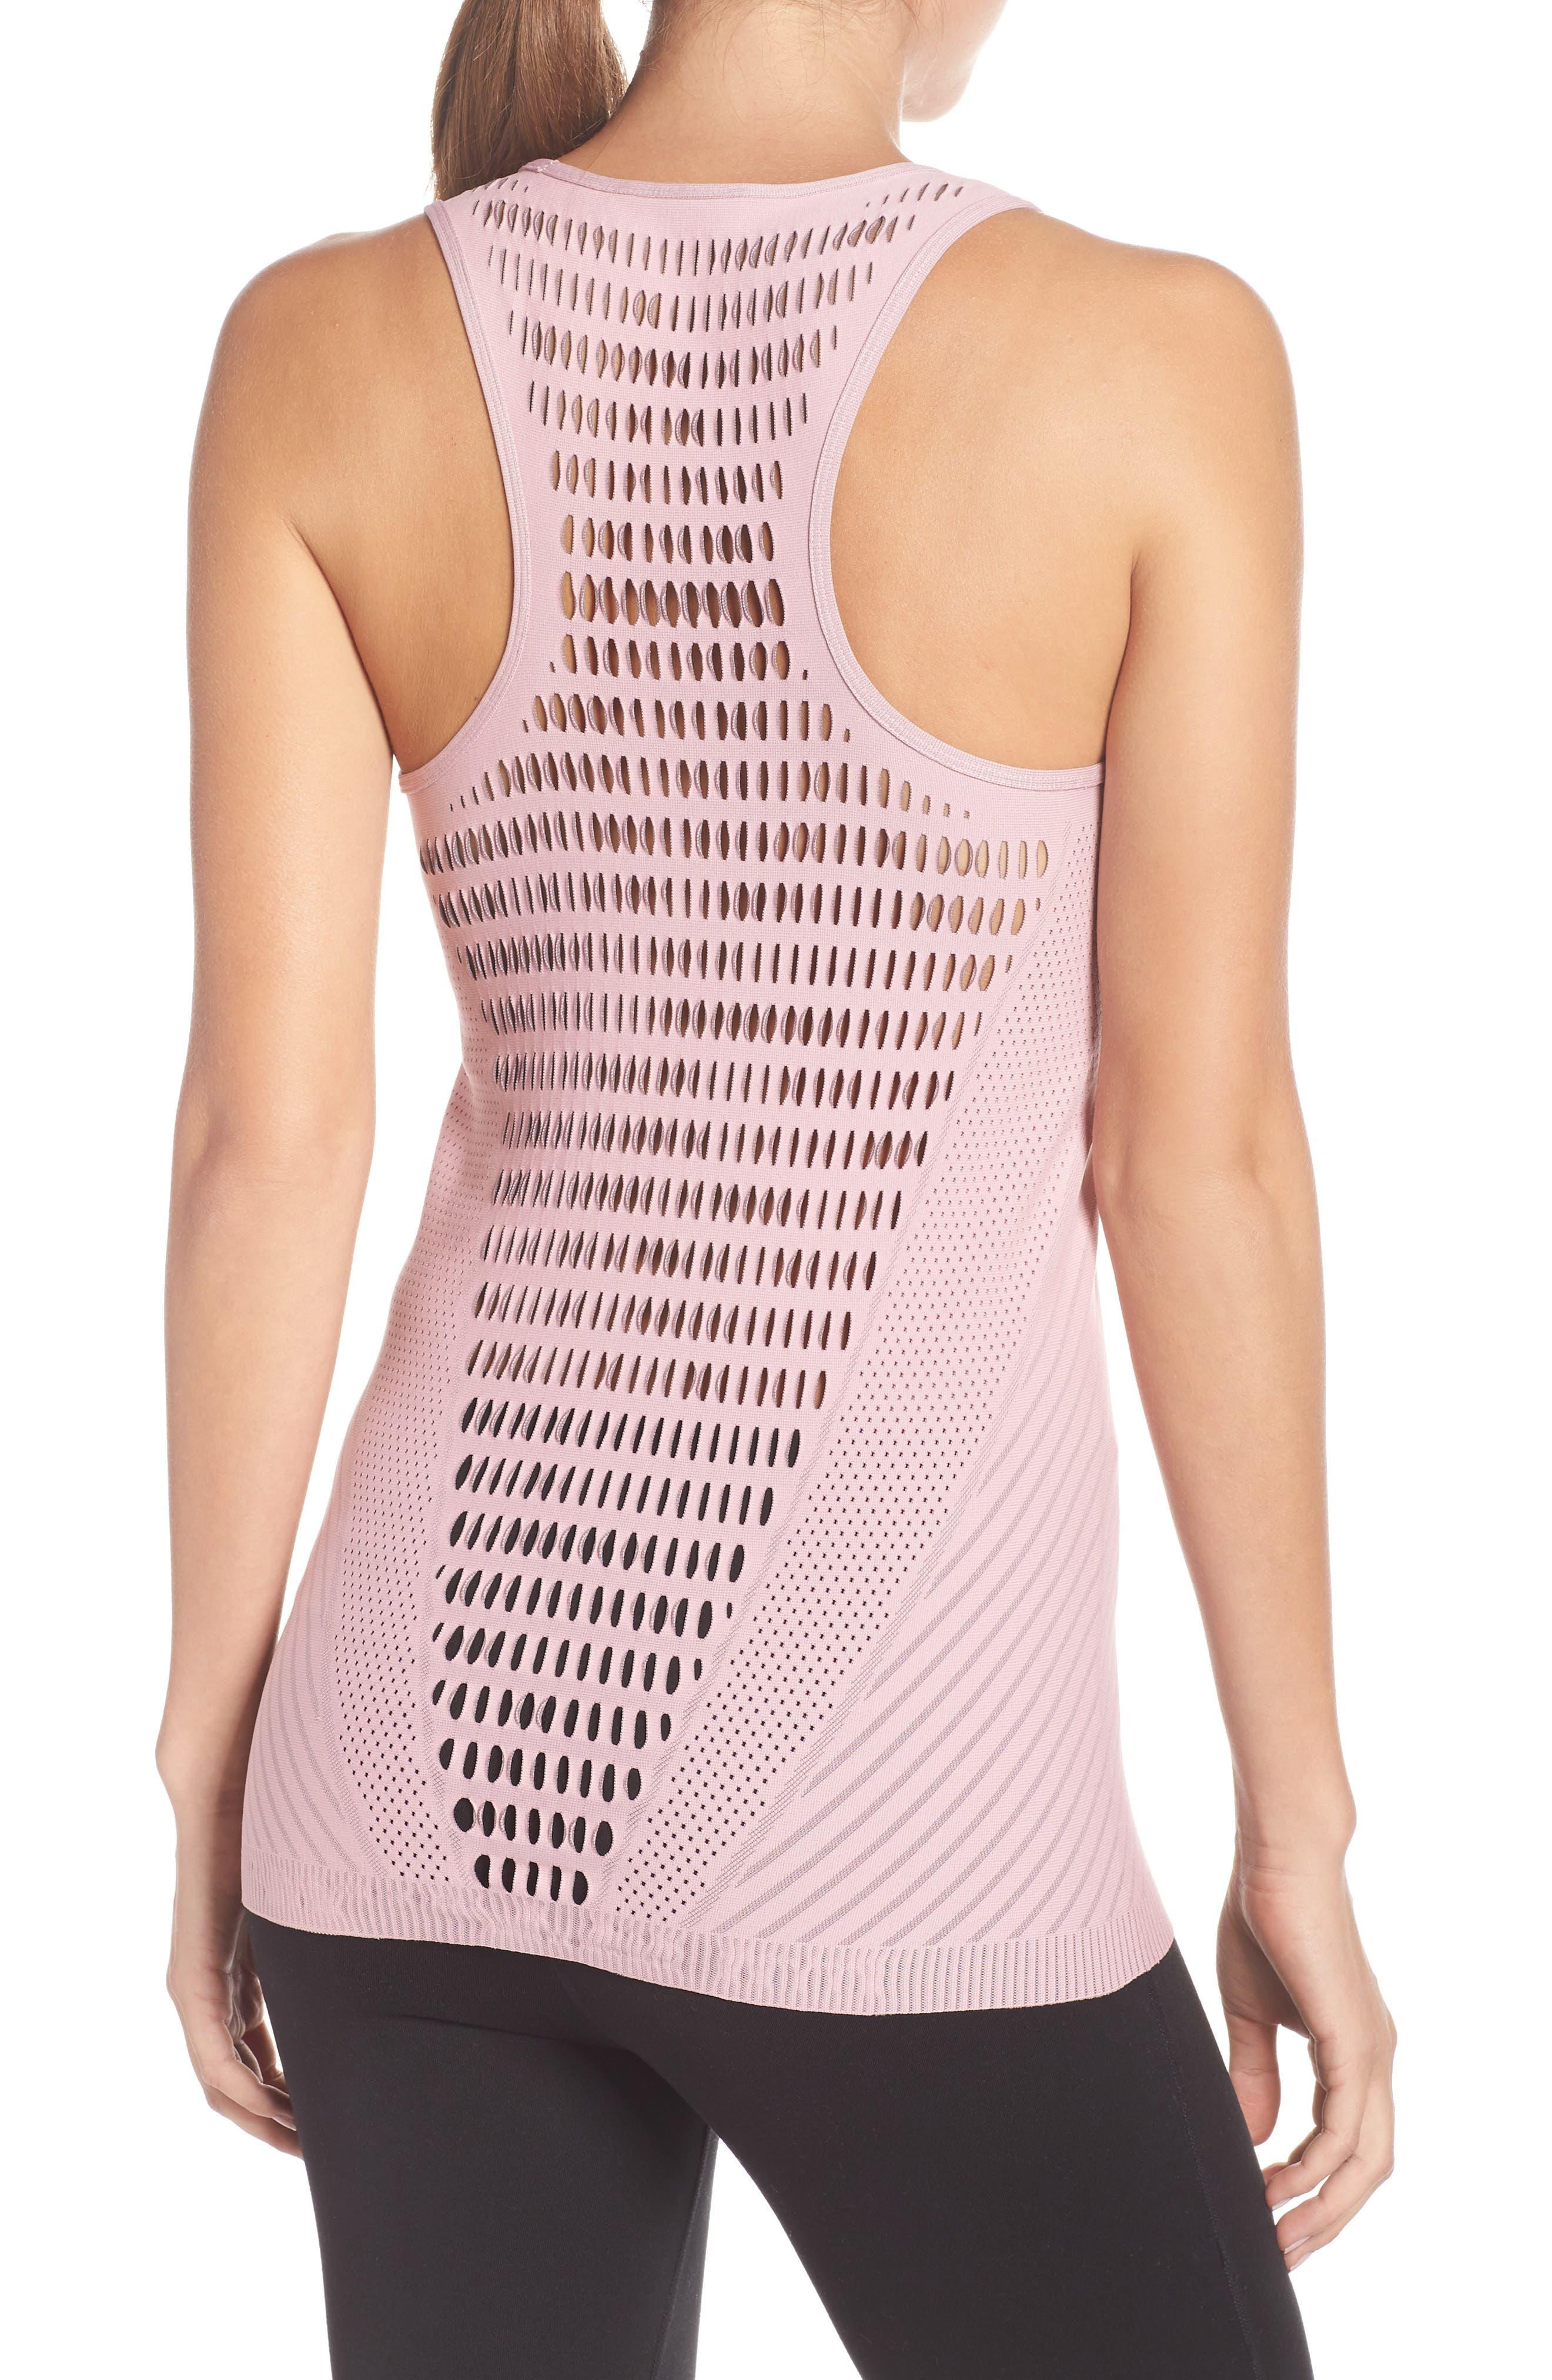 Luxe Yoga Vest,                             Alternate thumbnail 2, color,                             650